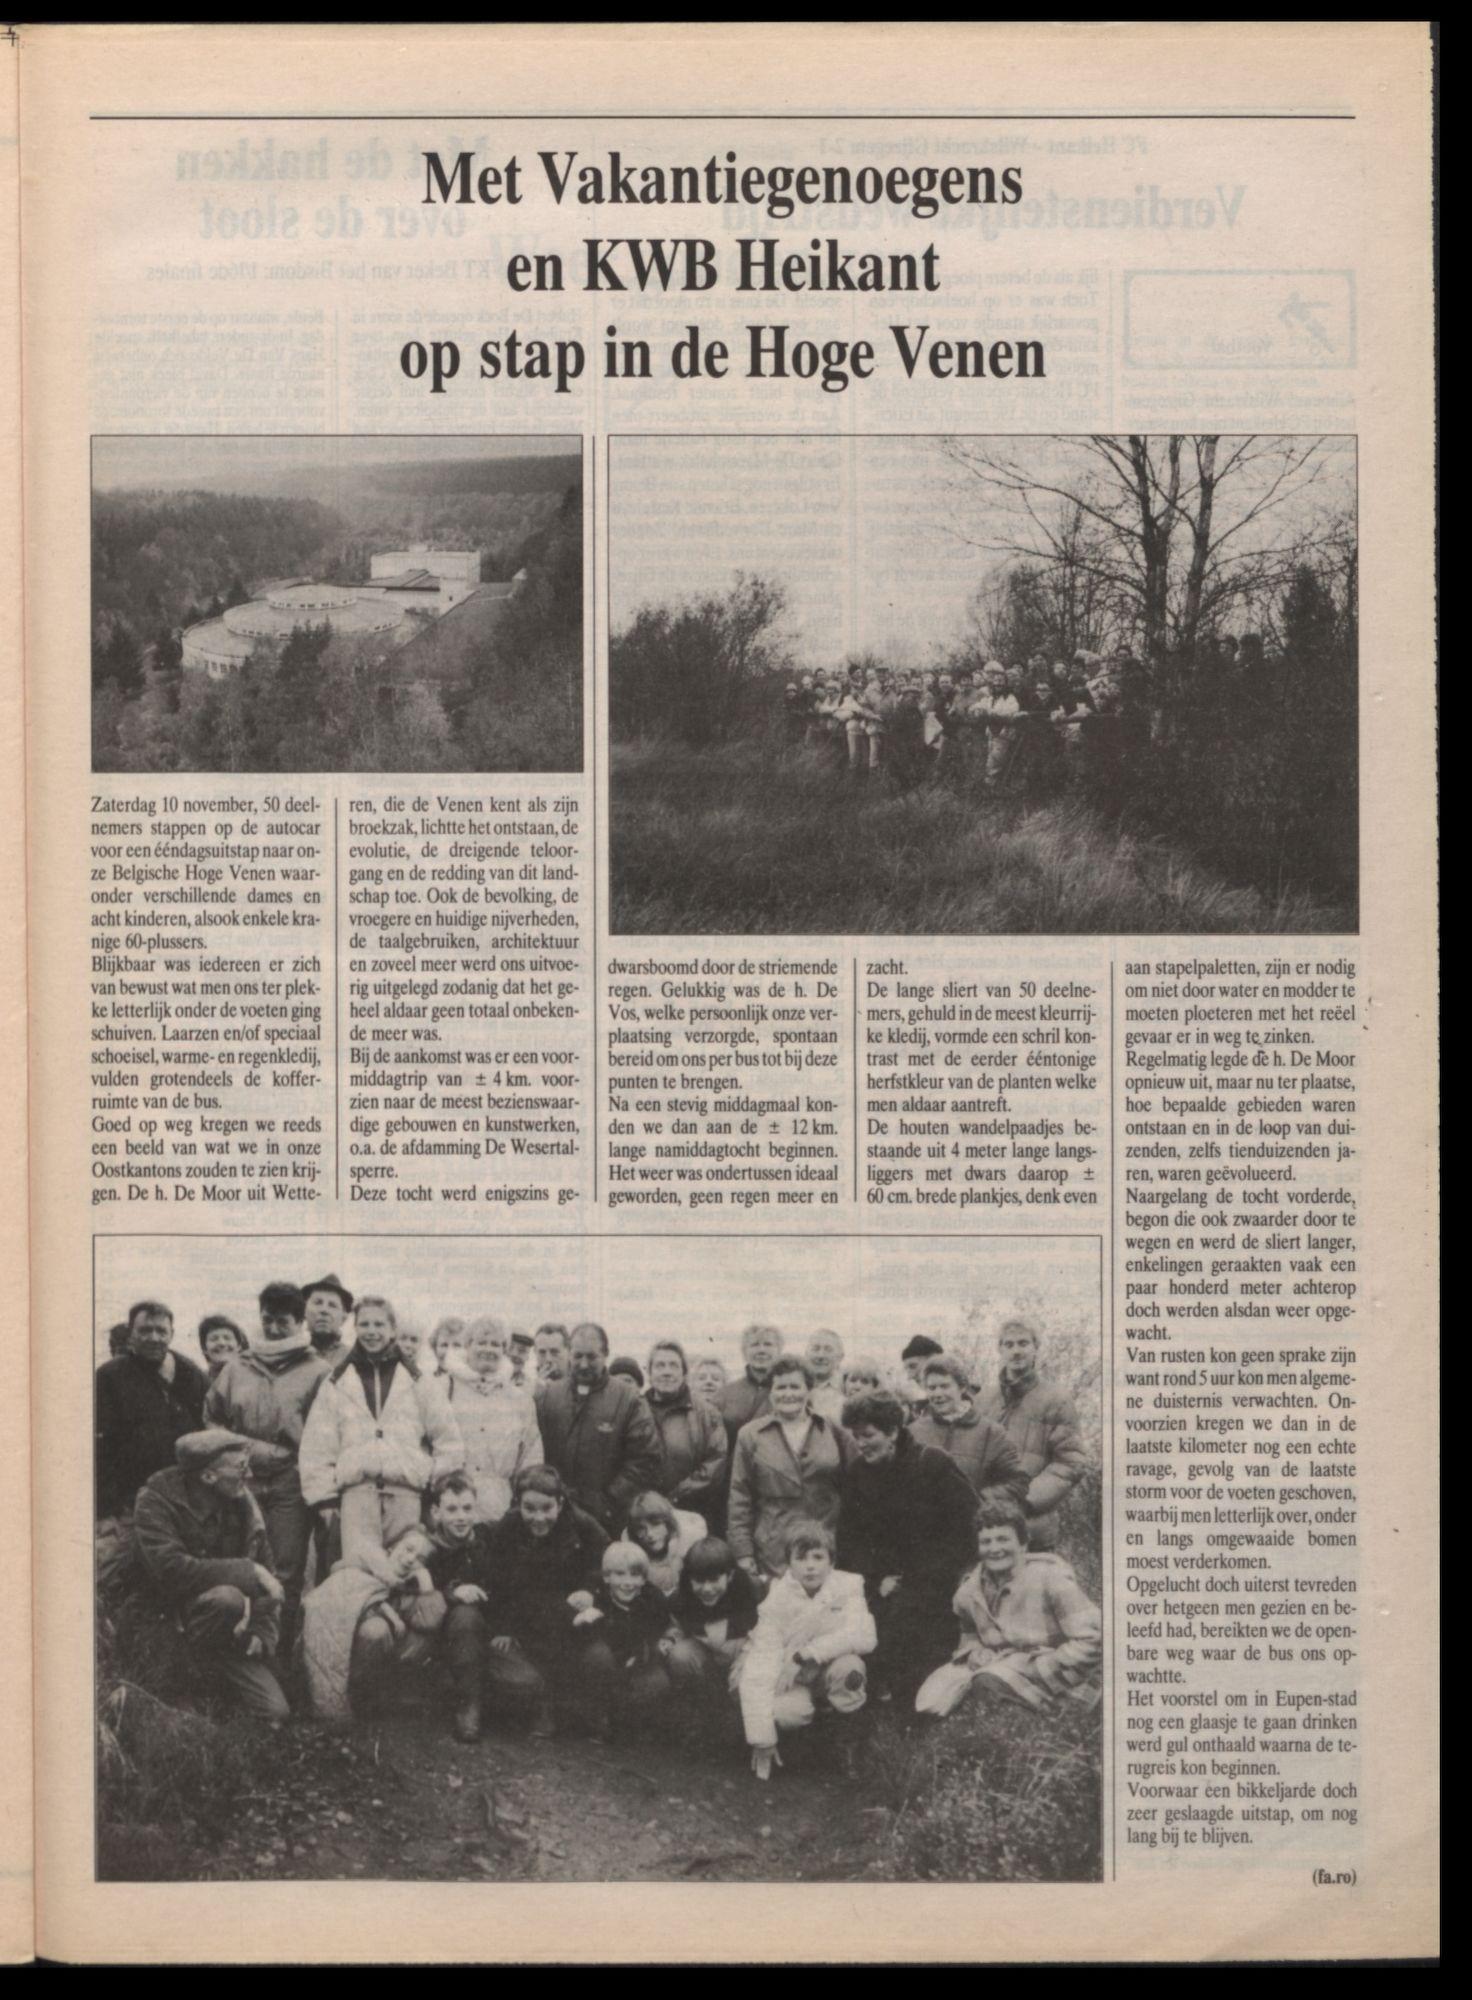 GAZET VAN ZELE 1990-11-23 p12